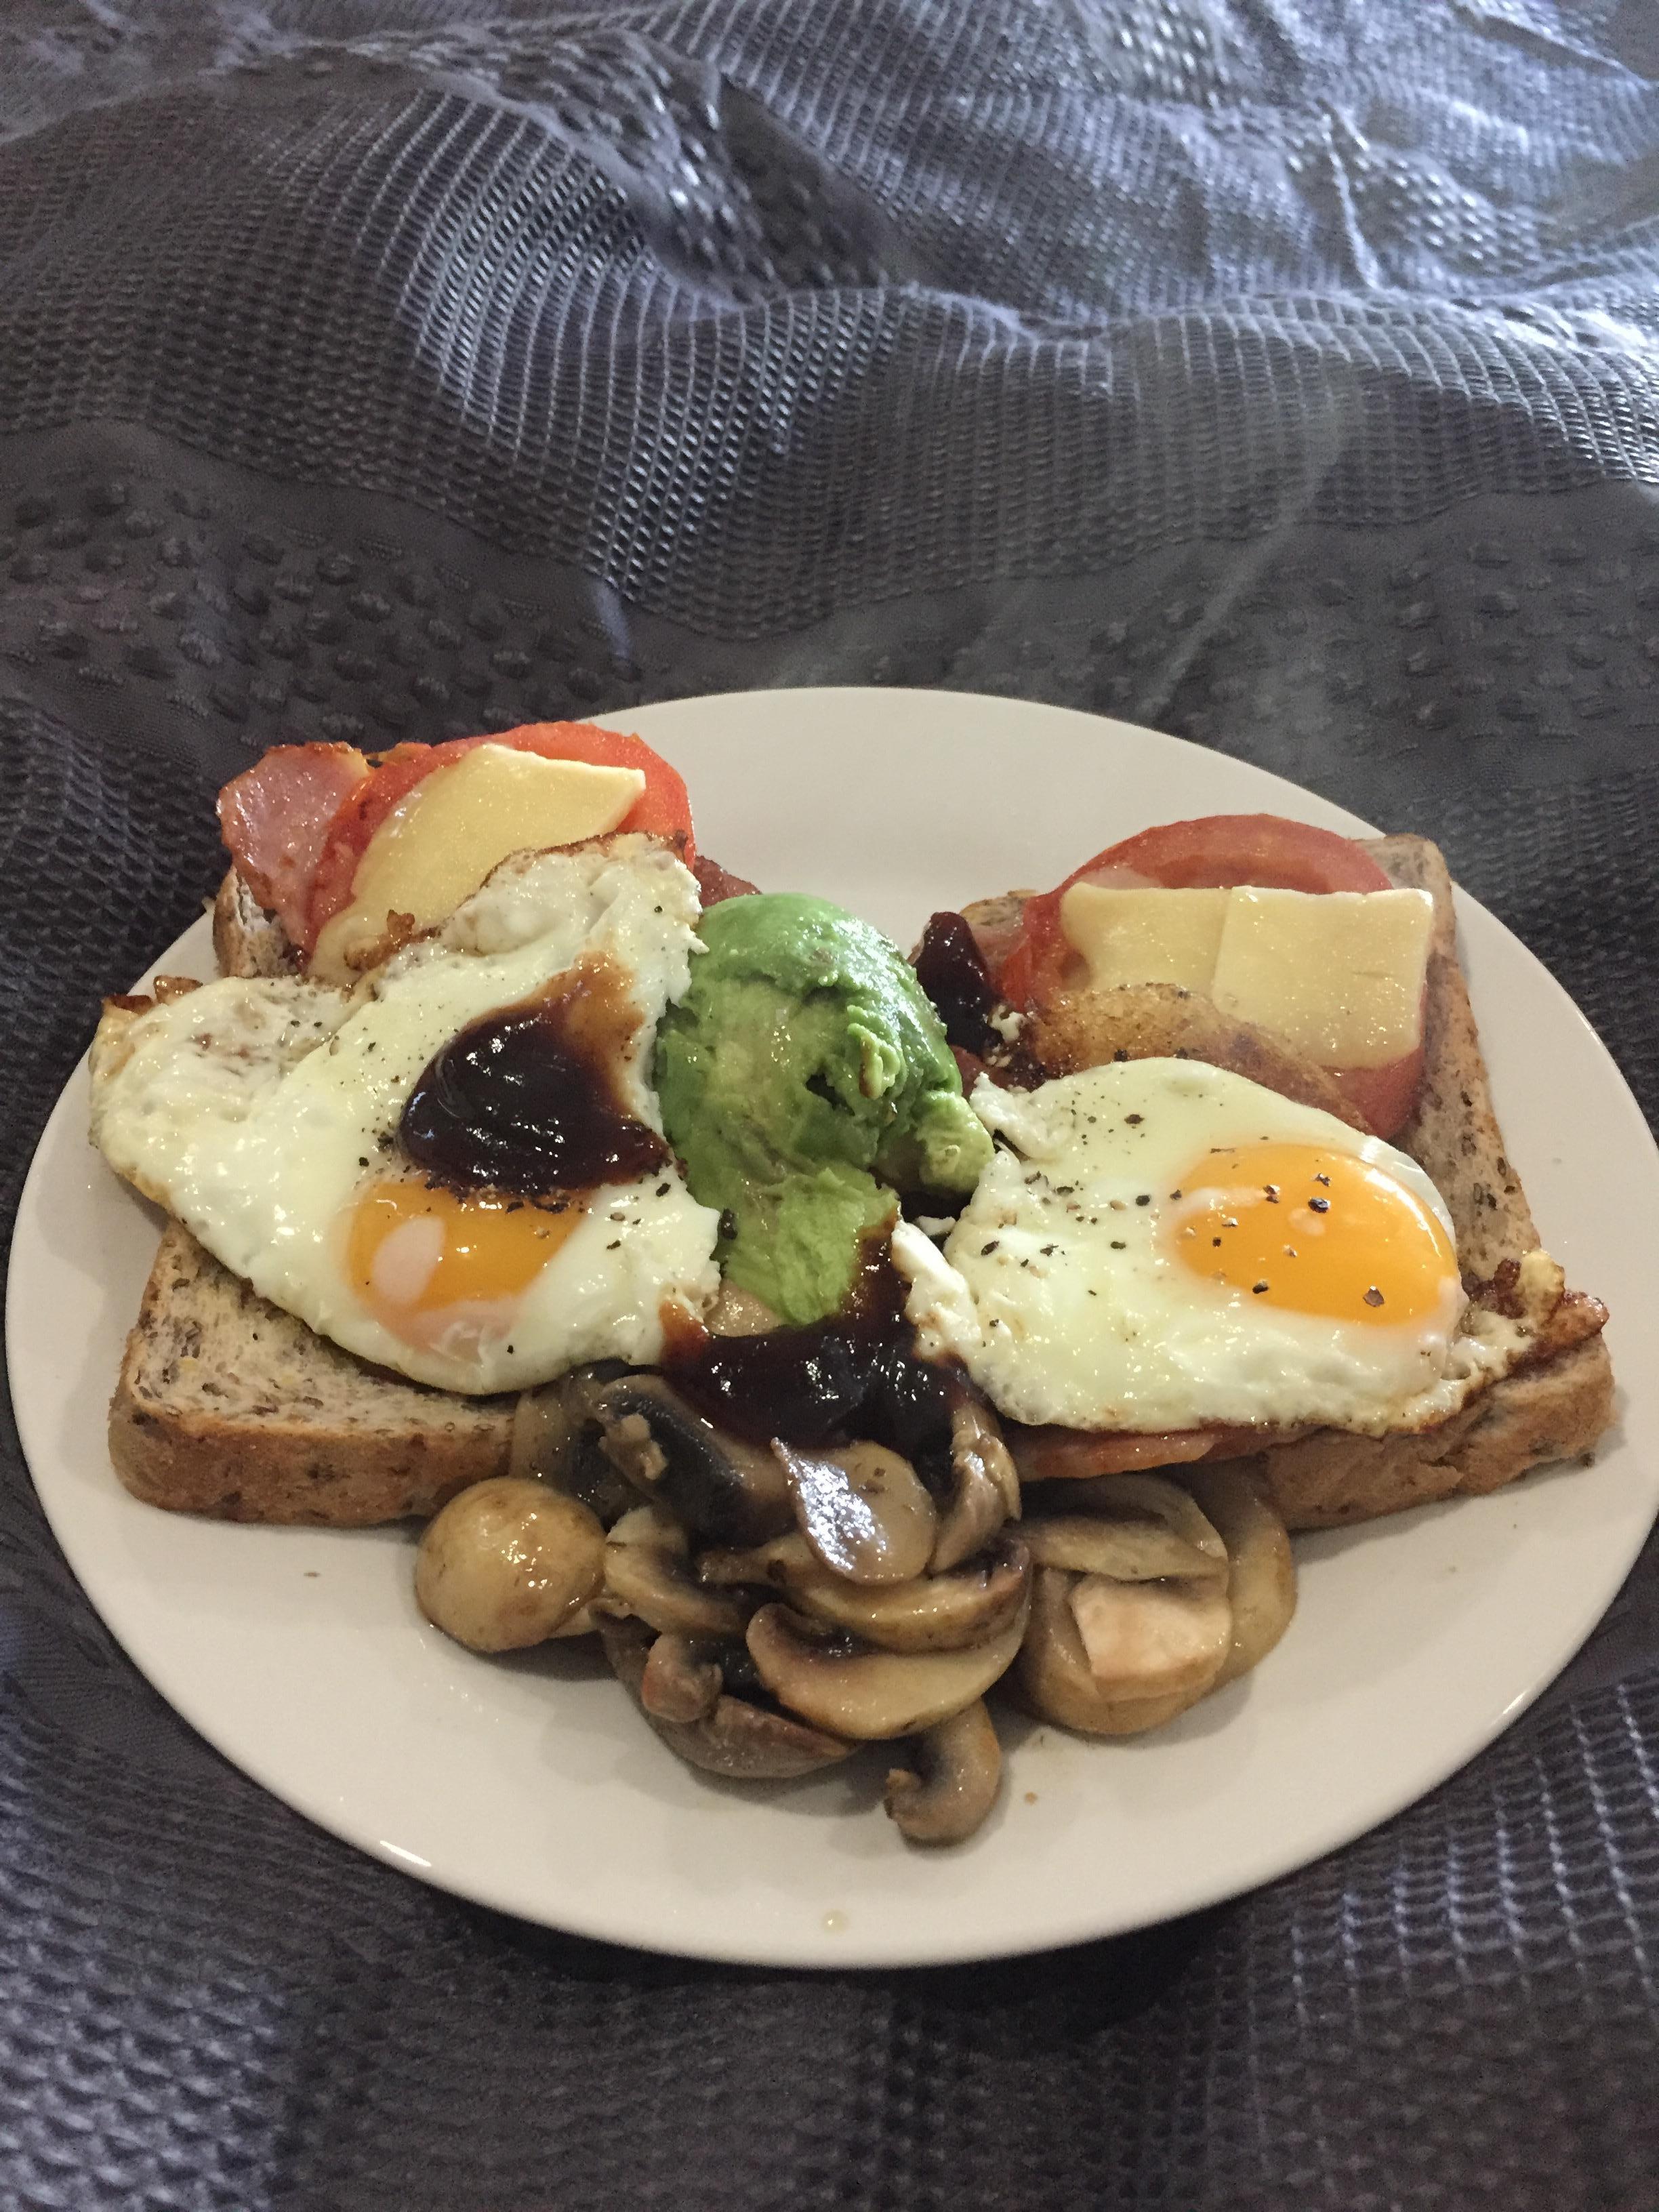 Awesome breakfast hamper